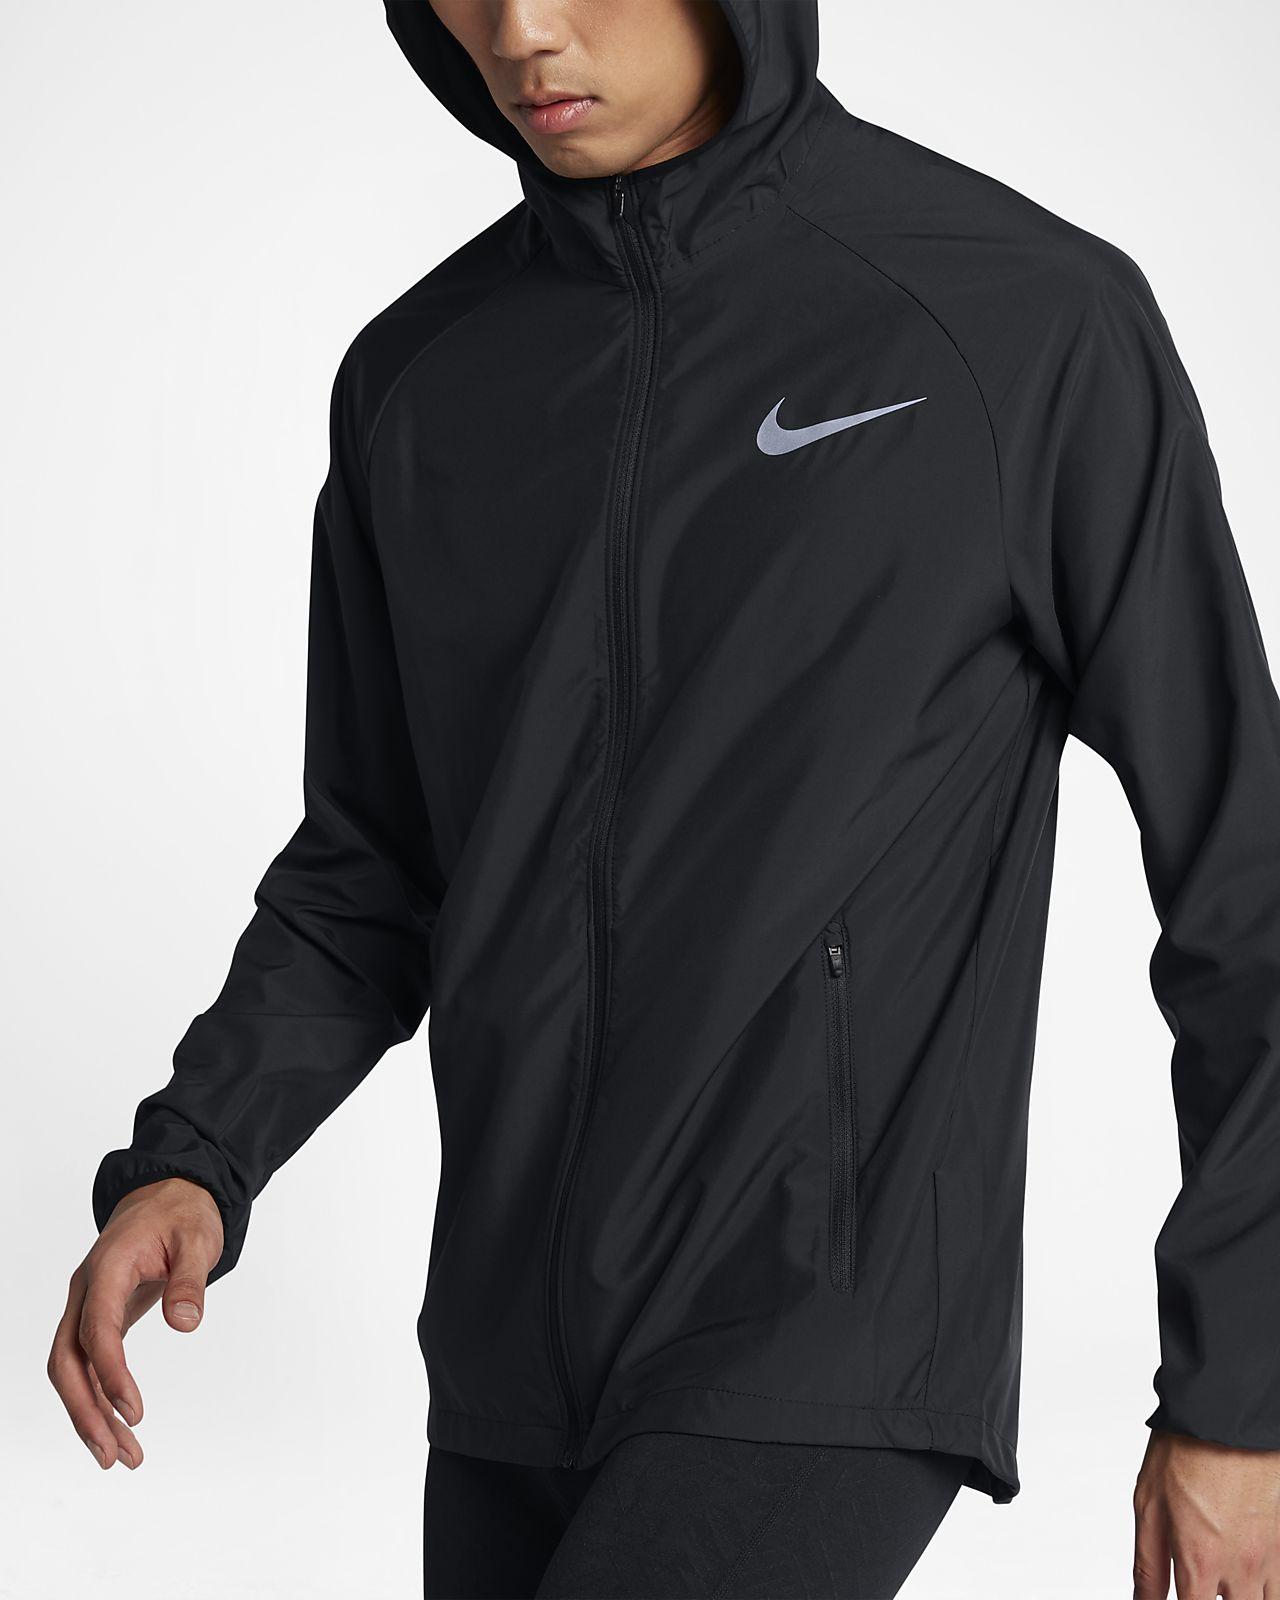 Veste de running Nike Essential pour Homme